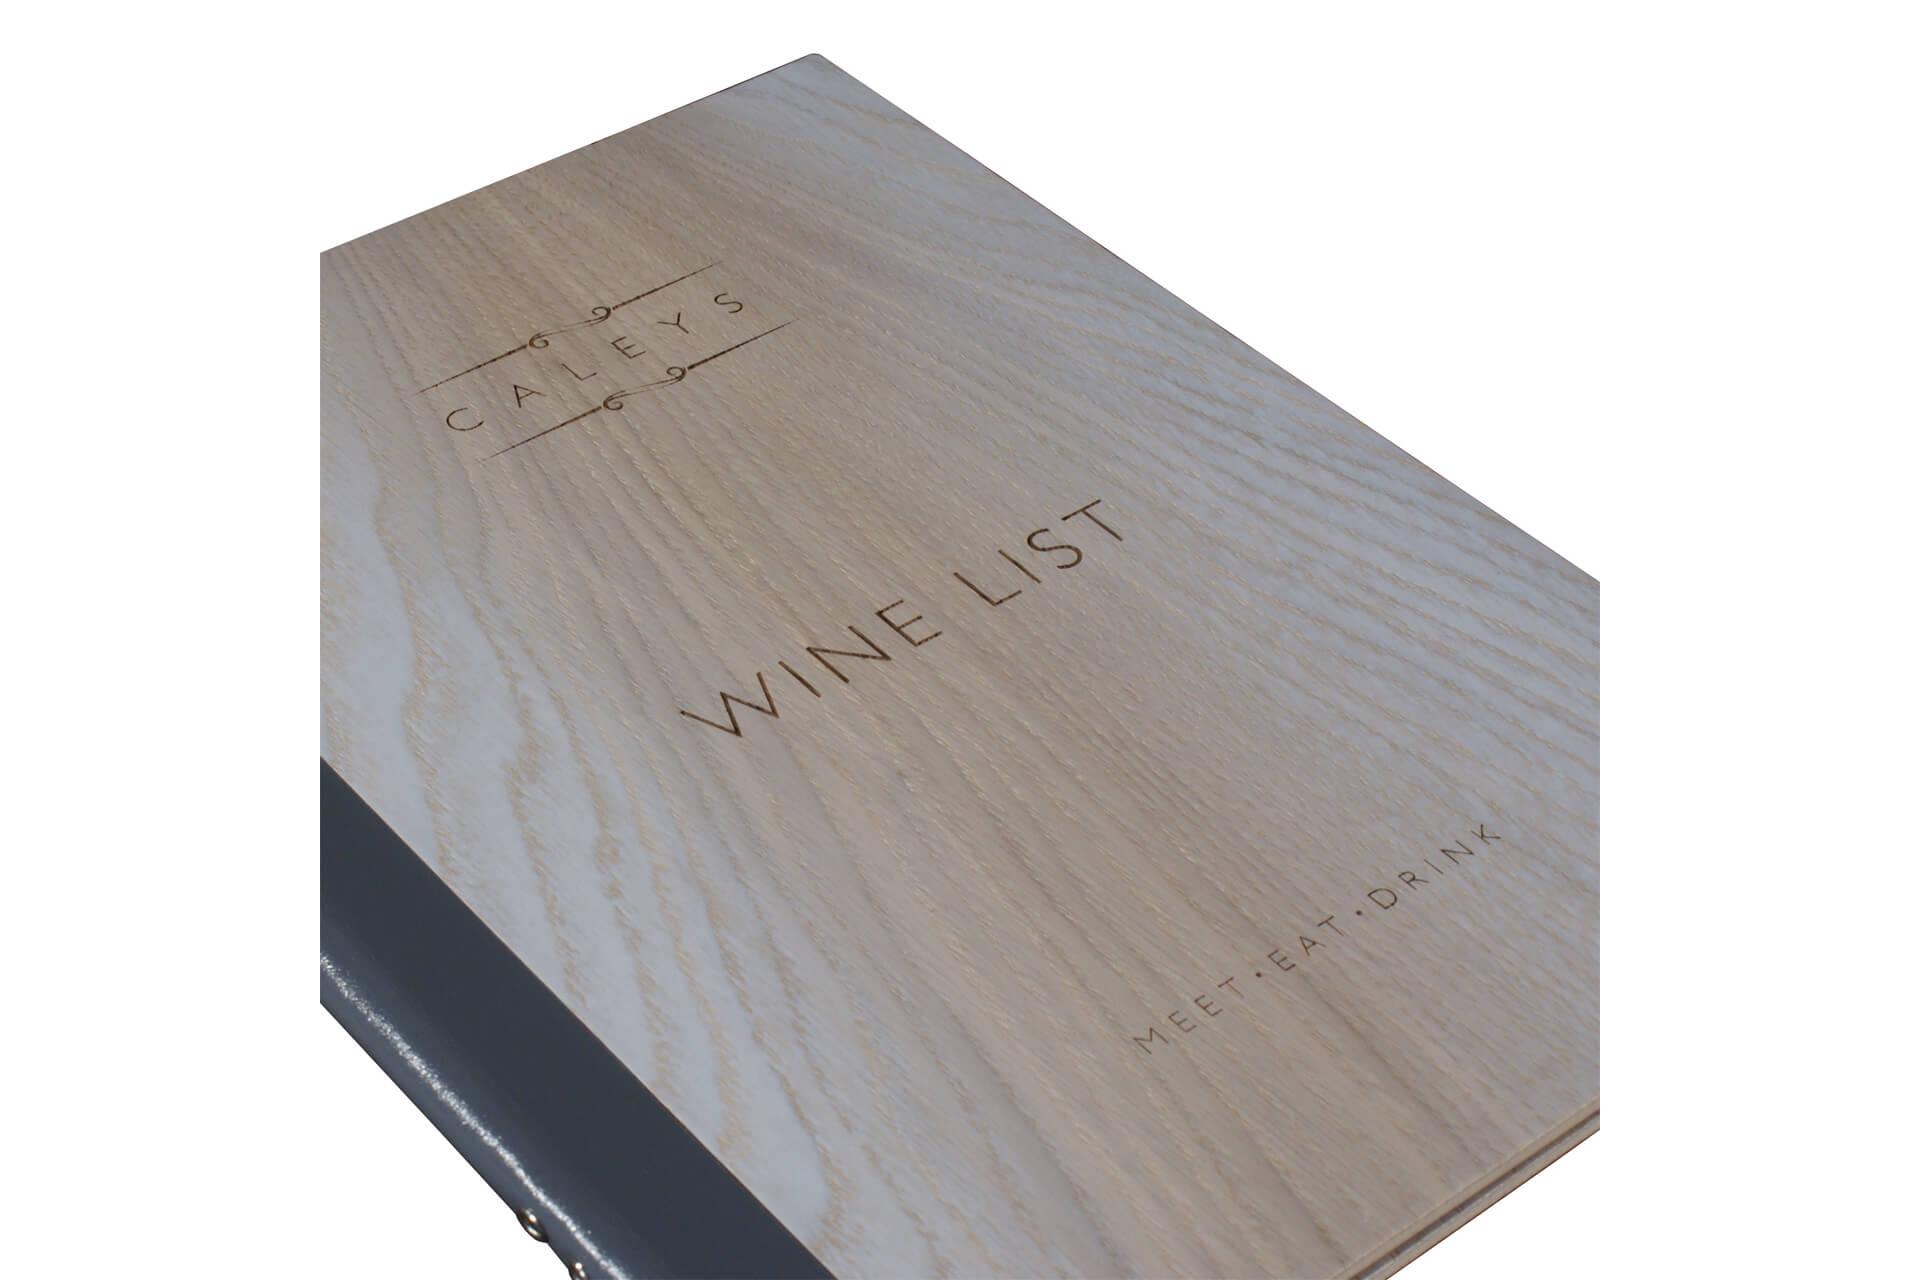 Menu And Wine List Covers Moran S Moran S